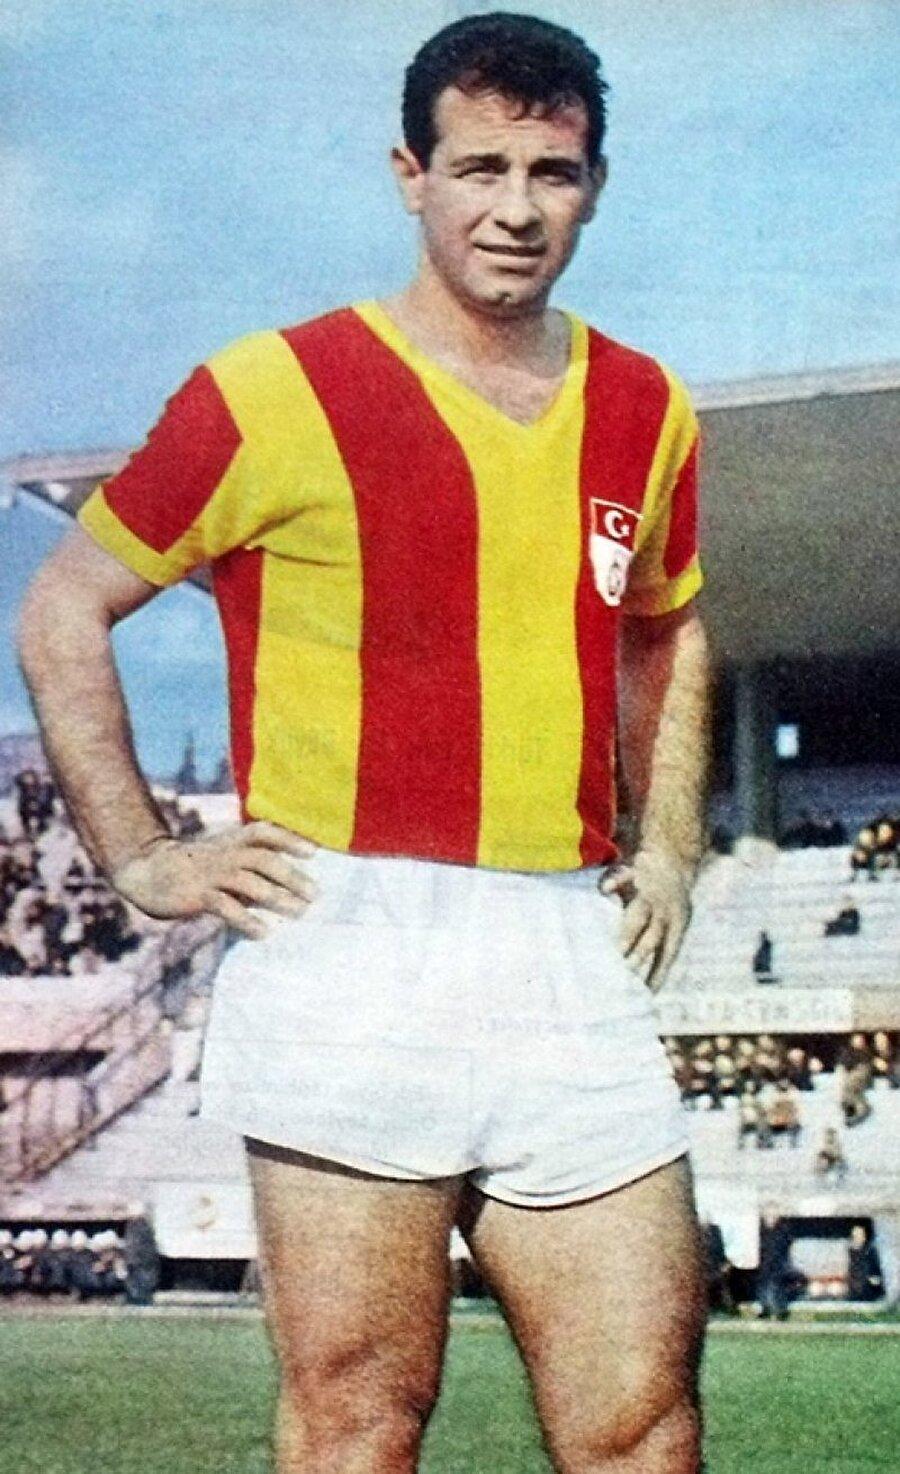 Galatasaray - Metin Oktay                                      Galatasaray tarihinin en önemli isimlerinden olan Metin Oktay, iki ayrı dönemde sarı-kırmızılı formayı giydi. 1955-1961 yılları arasında 144 maçta 157 gol atan Oktay, 1962-1969 arasında ise çıktığı 180 maçta 137 kez fileleri sarstı. Ayrıca Metin Oktay, 10 Haziran 1959'da Fenerbahçe ile Galatasaray arasında oynanan Türkiye Ligi final maçında attığı golle, sarı-lacivertli fileleri yırtmıştı.